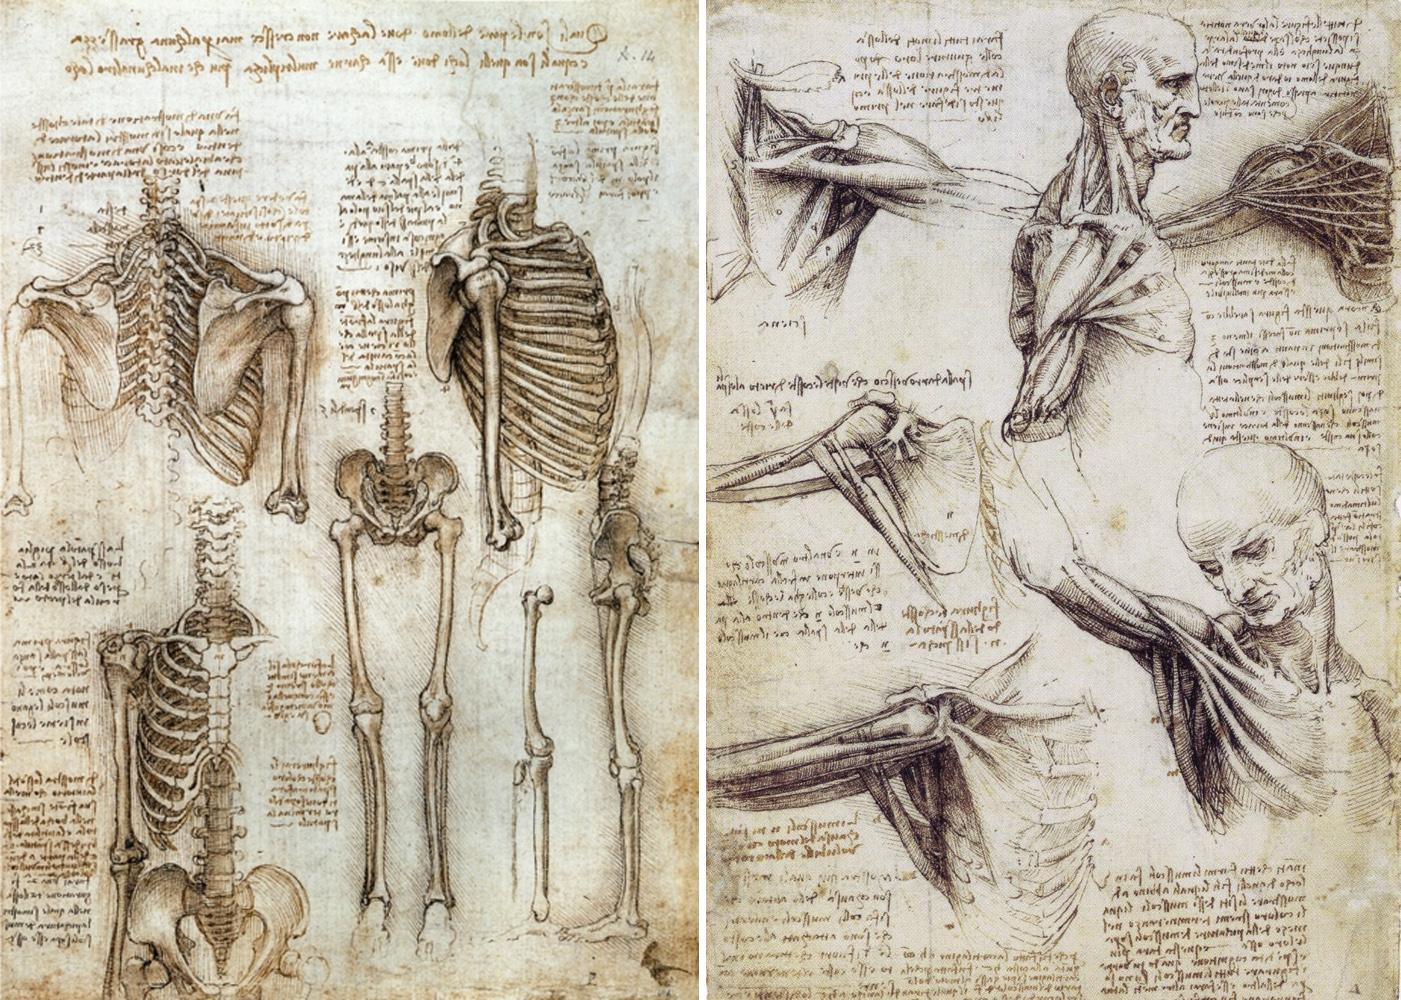 Erfreut Leonardo Da Vinci Zeichnungen Anatomie Ideen - Menschliche ...